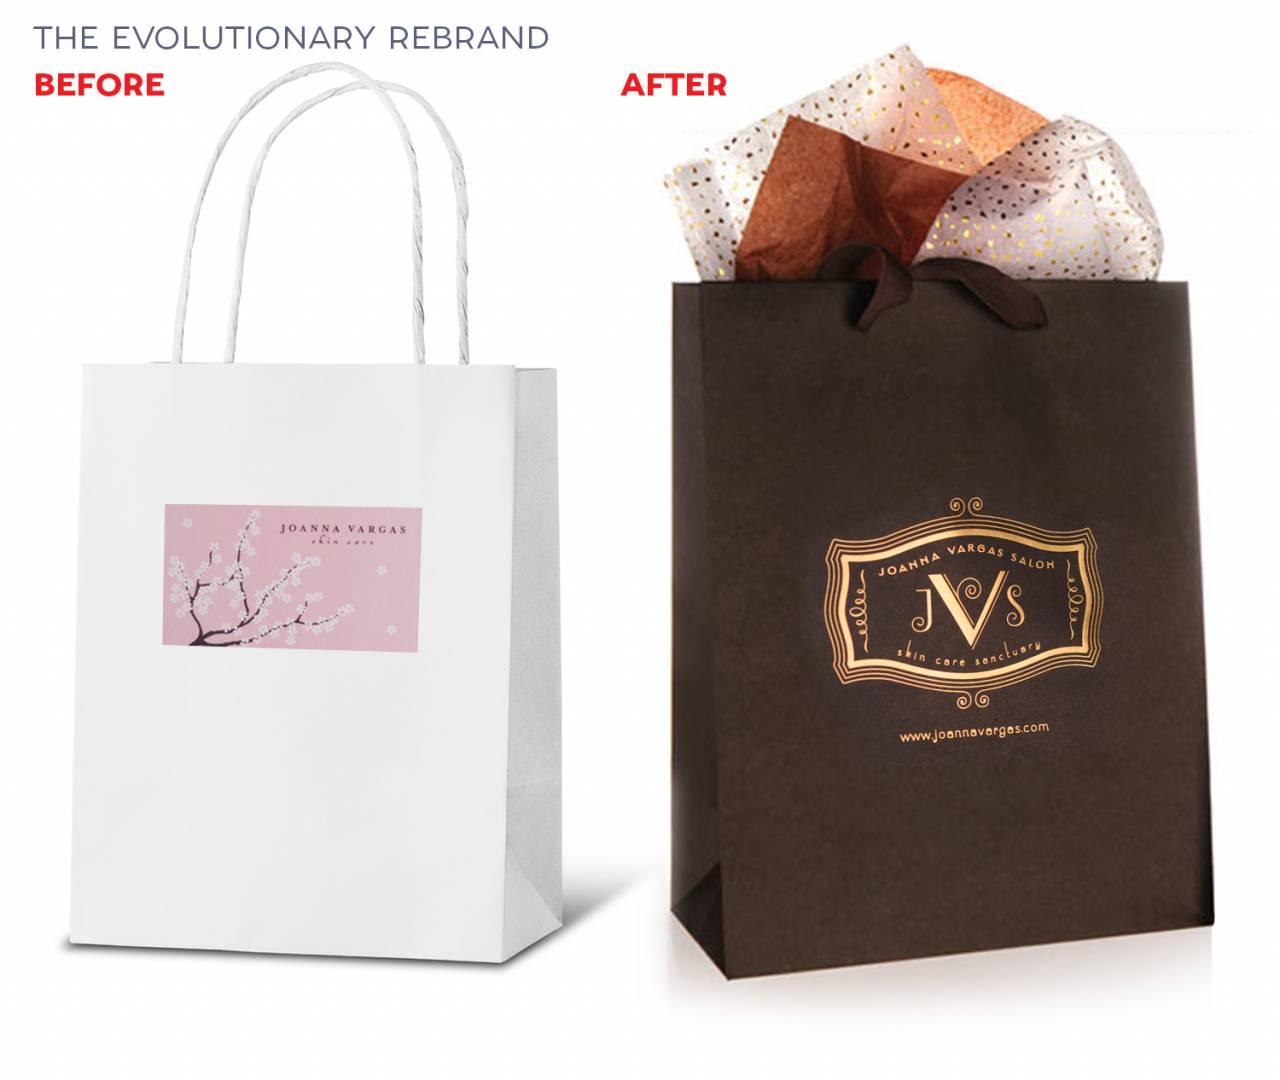 rebranding Joanna Vargas packaging